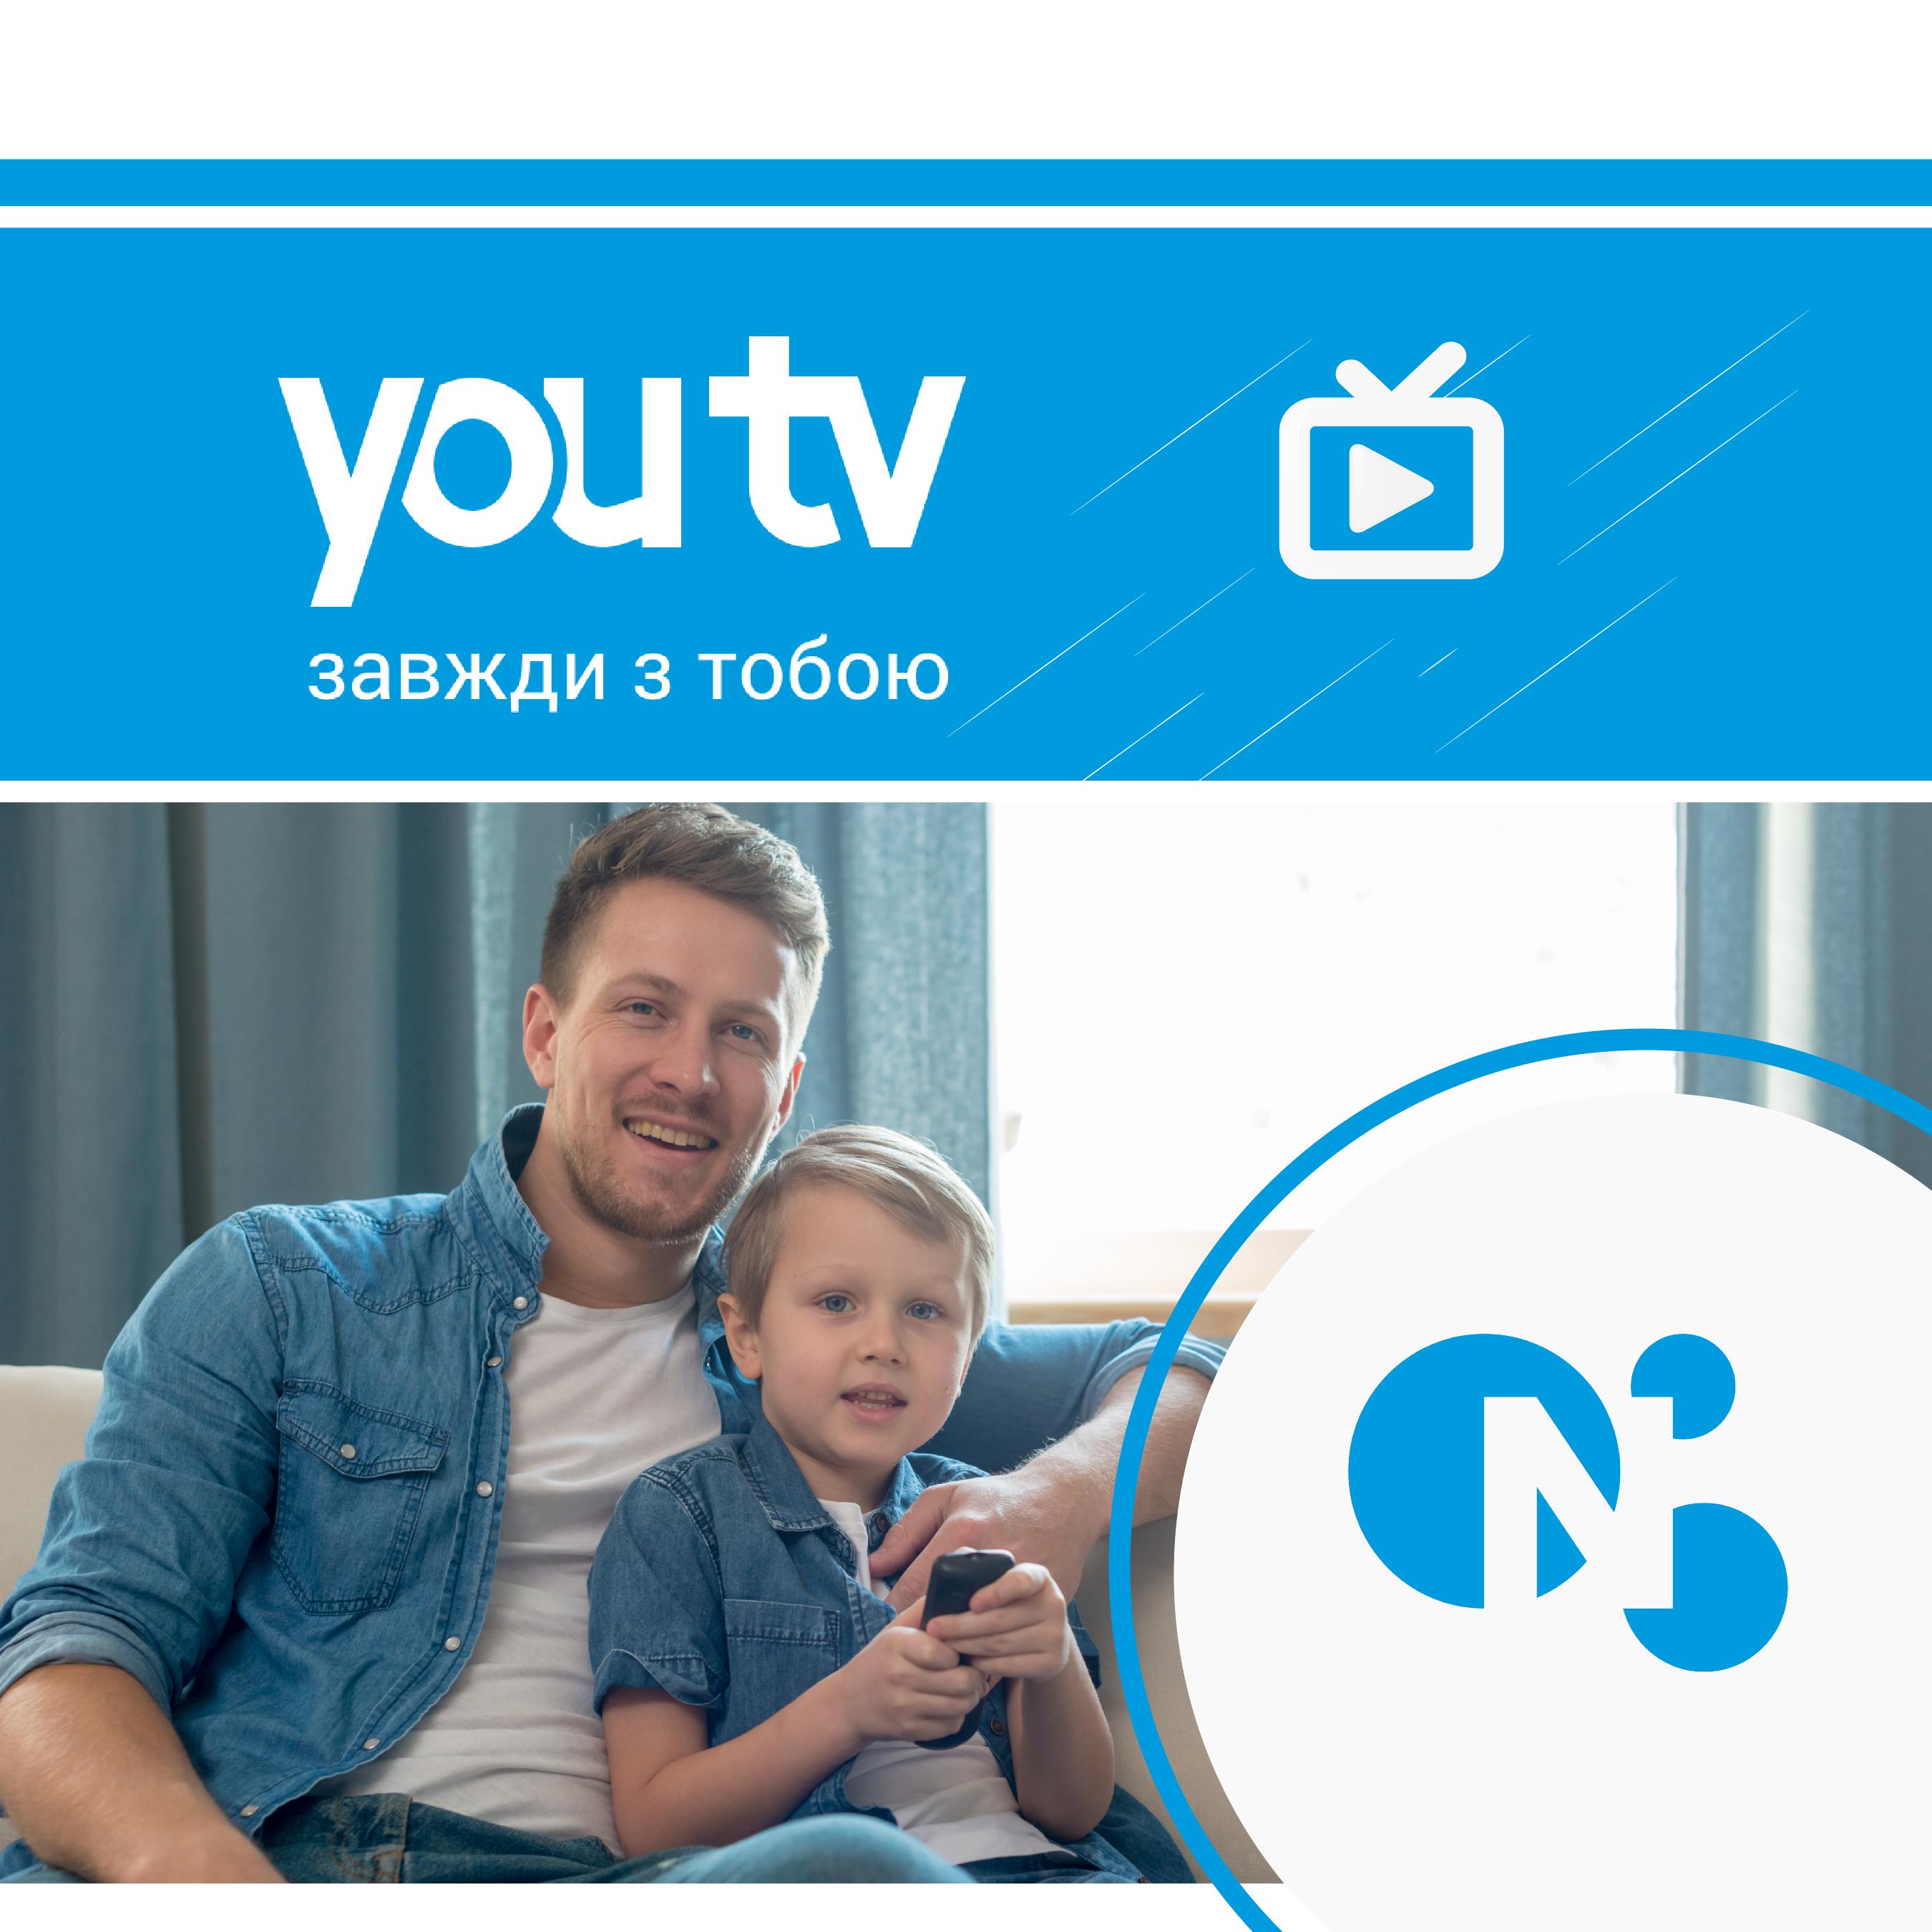 Телебачення youtv